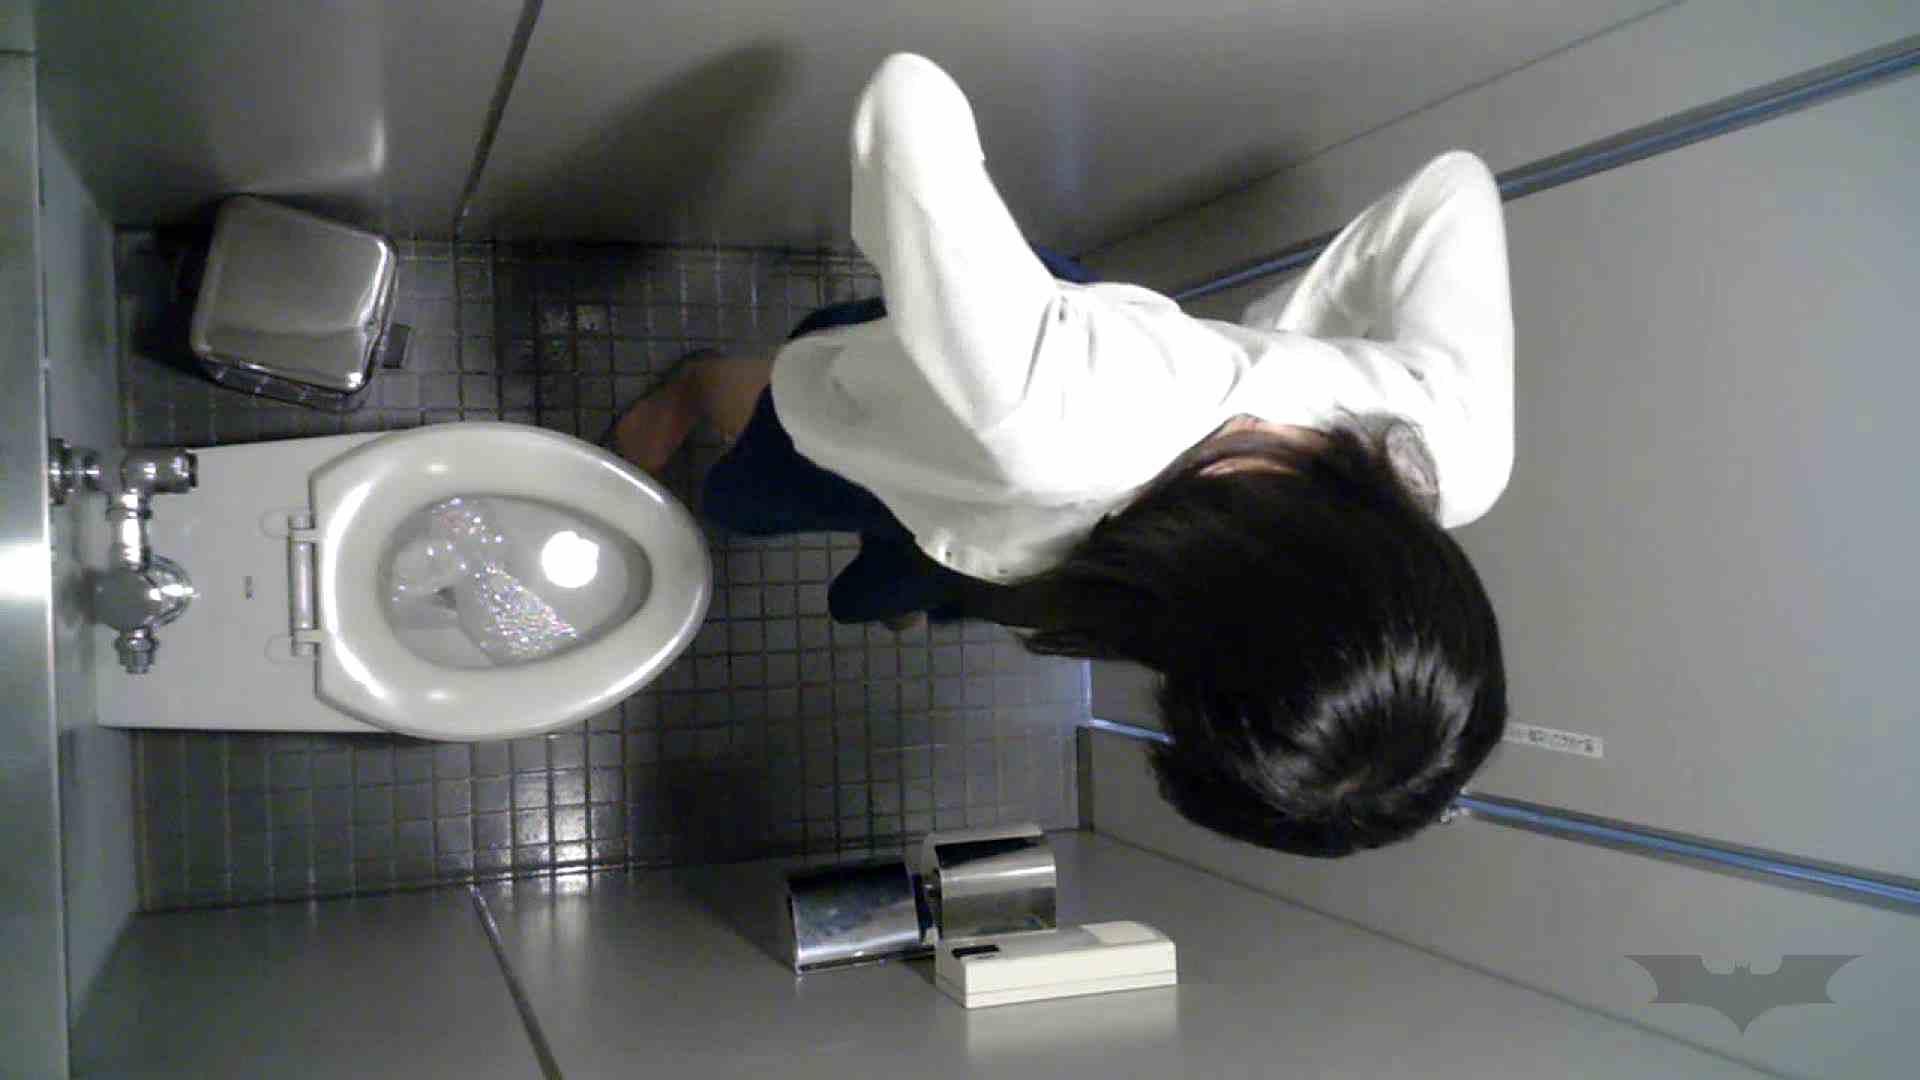 有名大学女性洗面所 vol.36 すっごい「ほじって」ます。 和式でハメ撮り オメコ動画キャプチャ 60pic 10